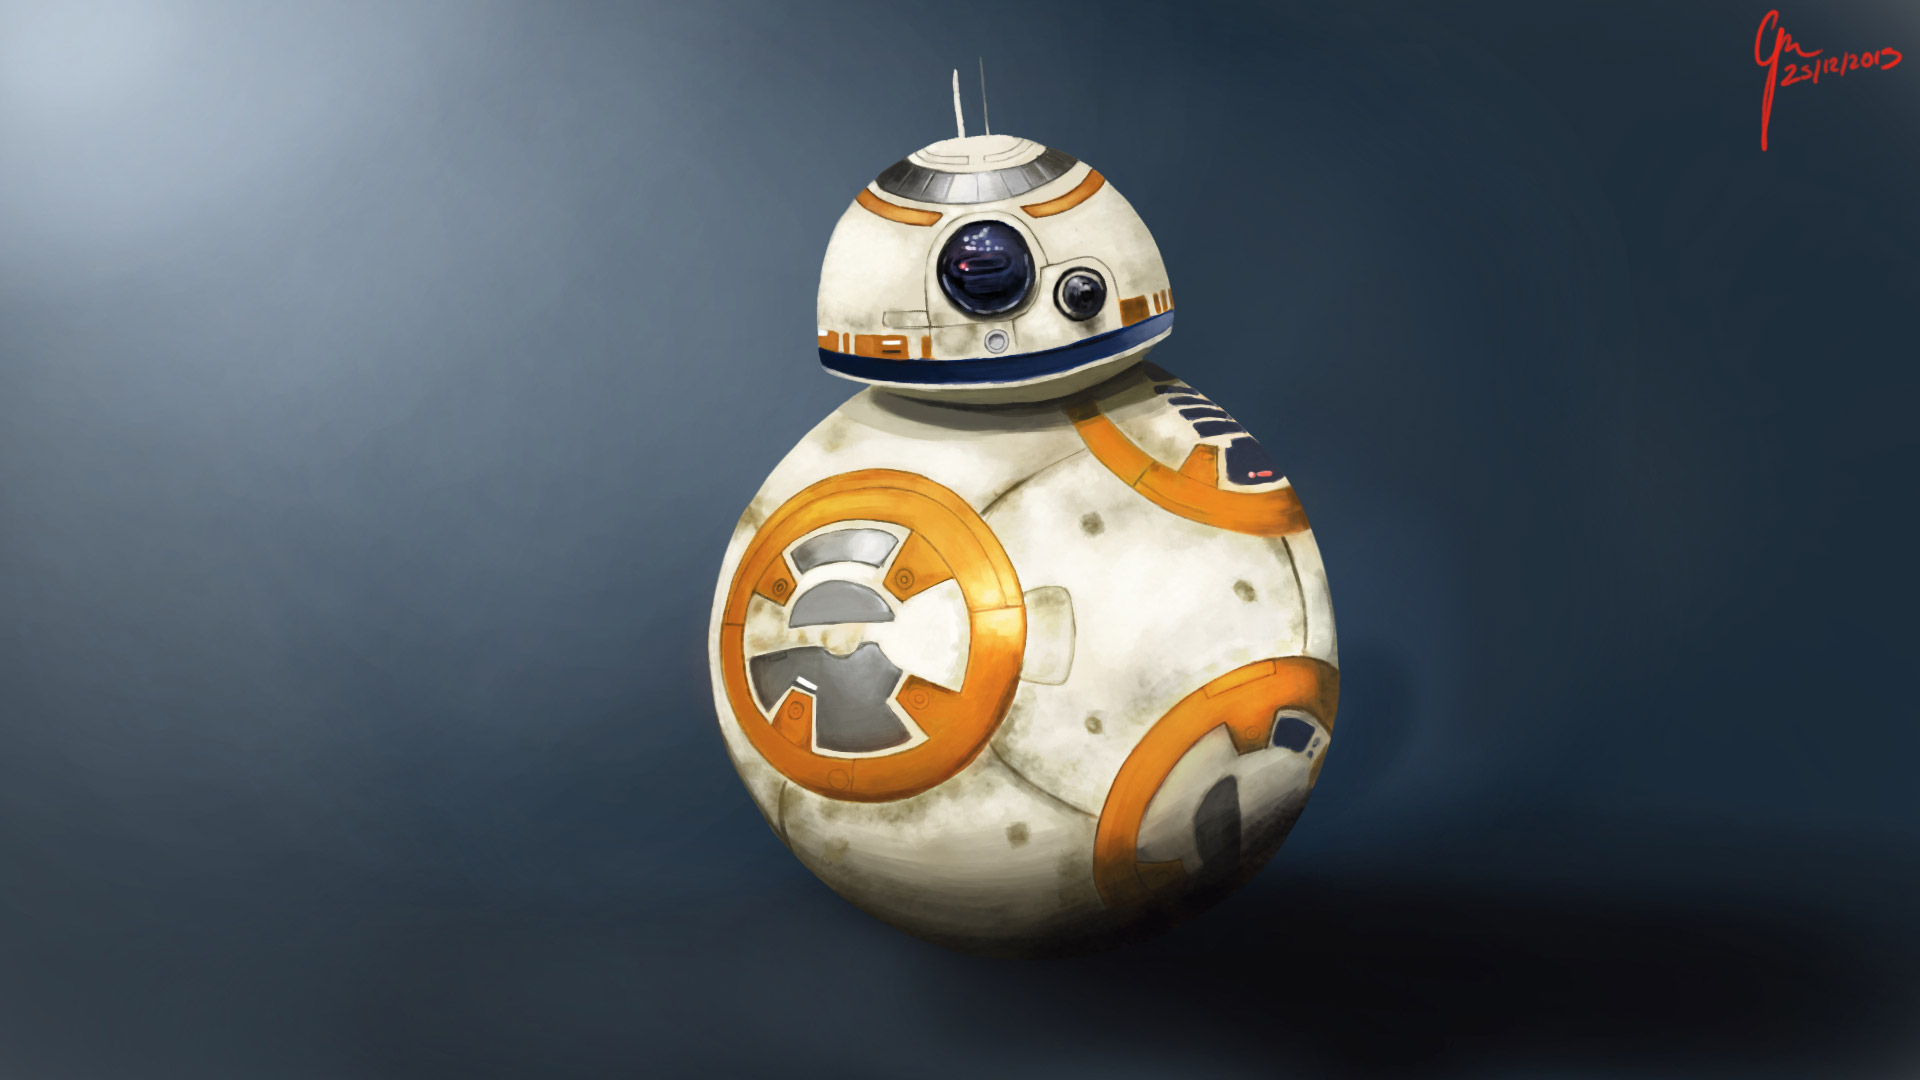 Star Wars BB 8 1920x1080 Wallpaper